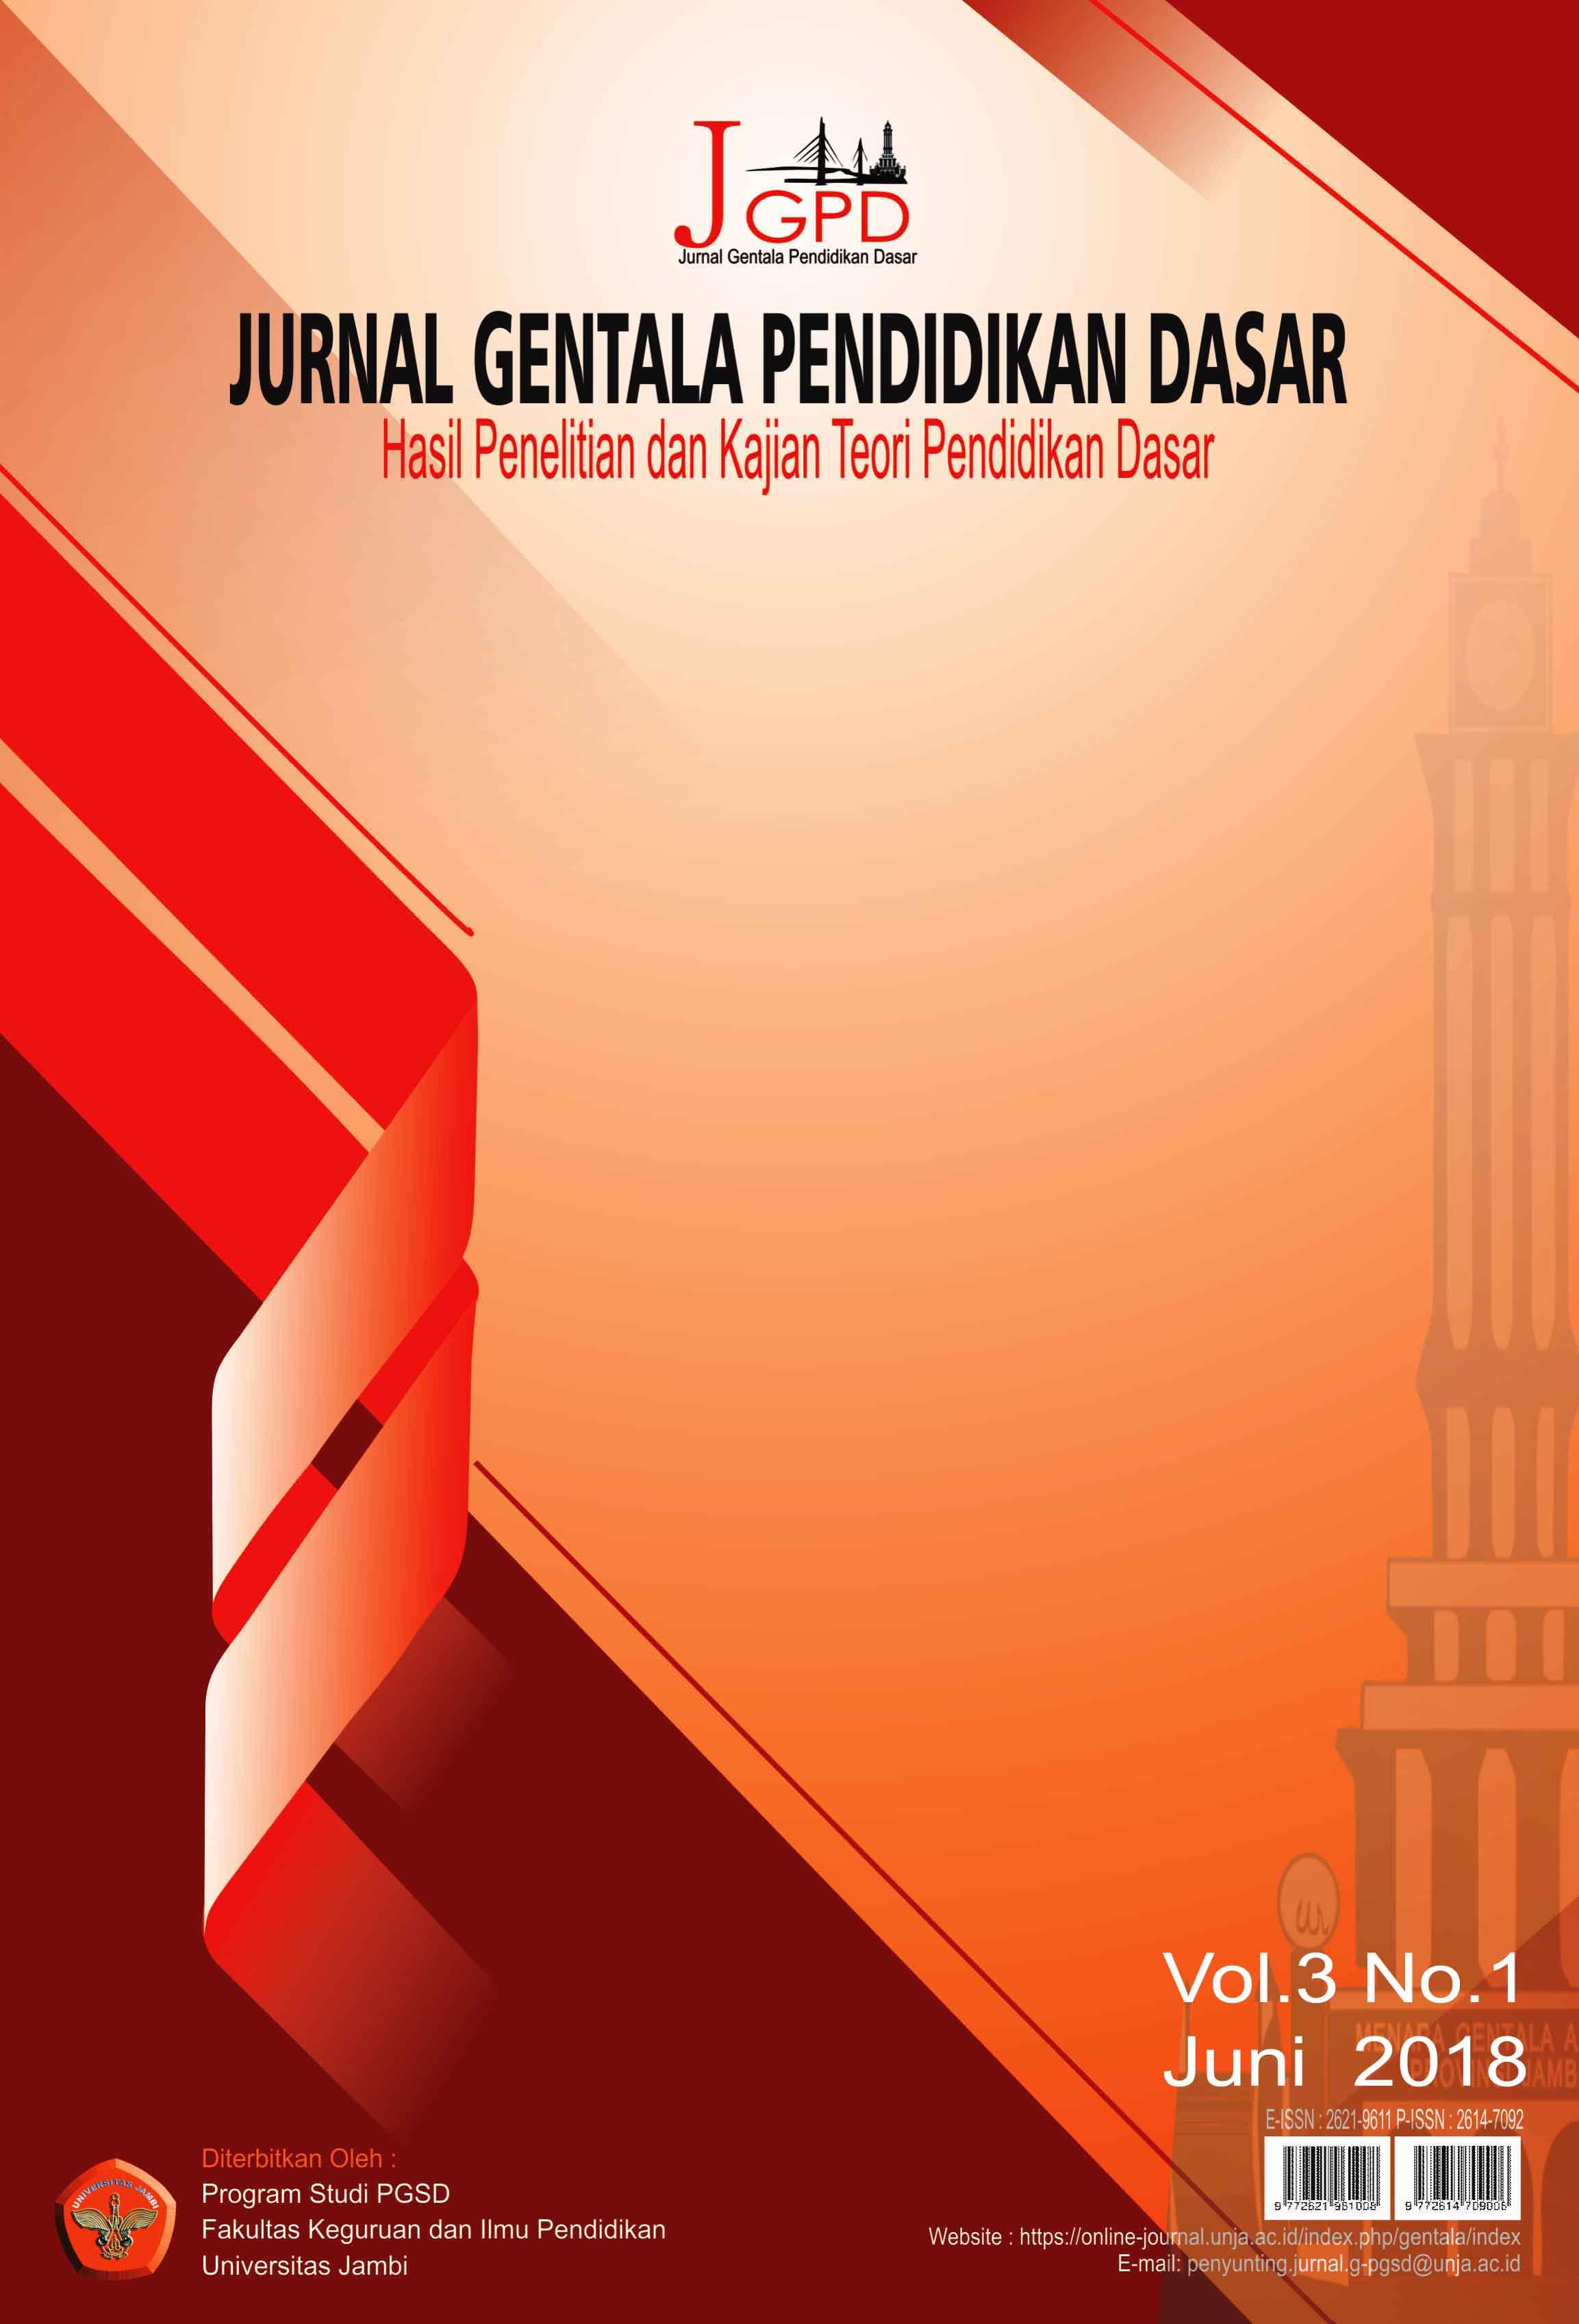 7700 Koleksi Foto Zubaedi Desain Pendidikan Karakter HD Download Gratis